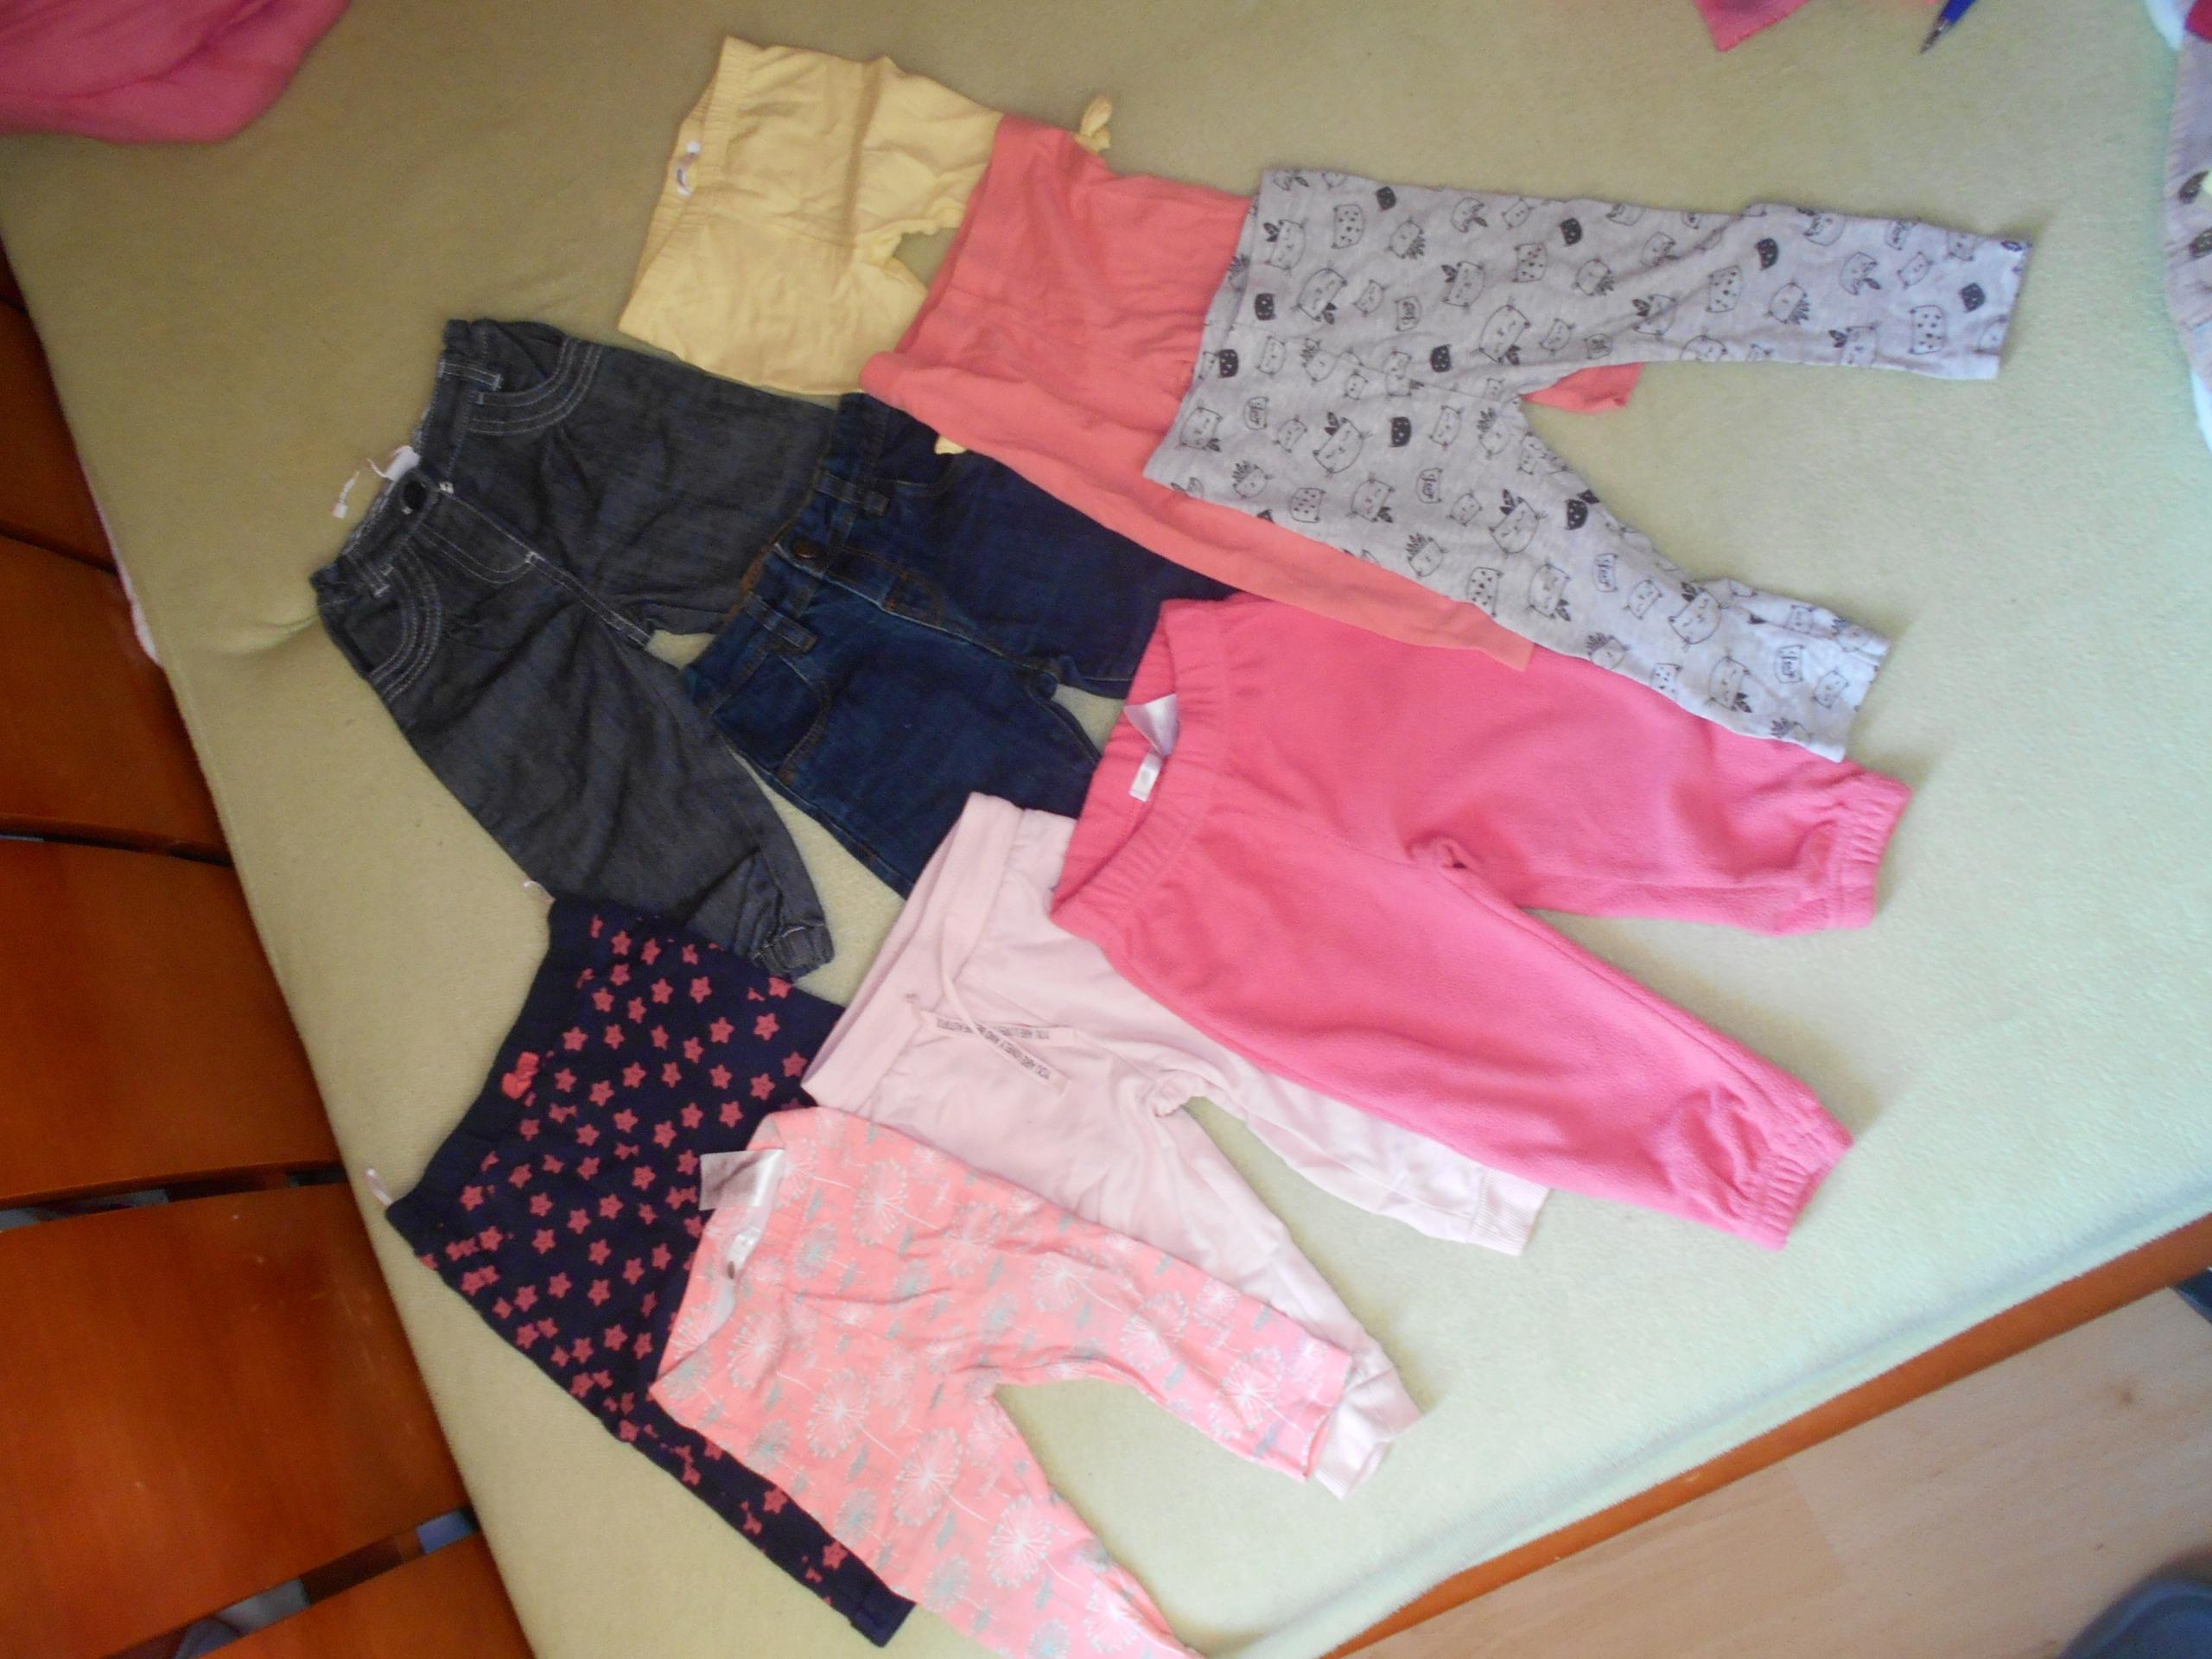 Duży zestaw 20 szt. ubrań dla dziewczynki r. 74-80